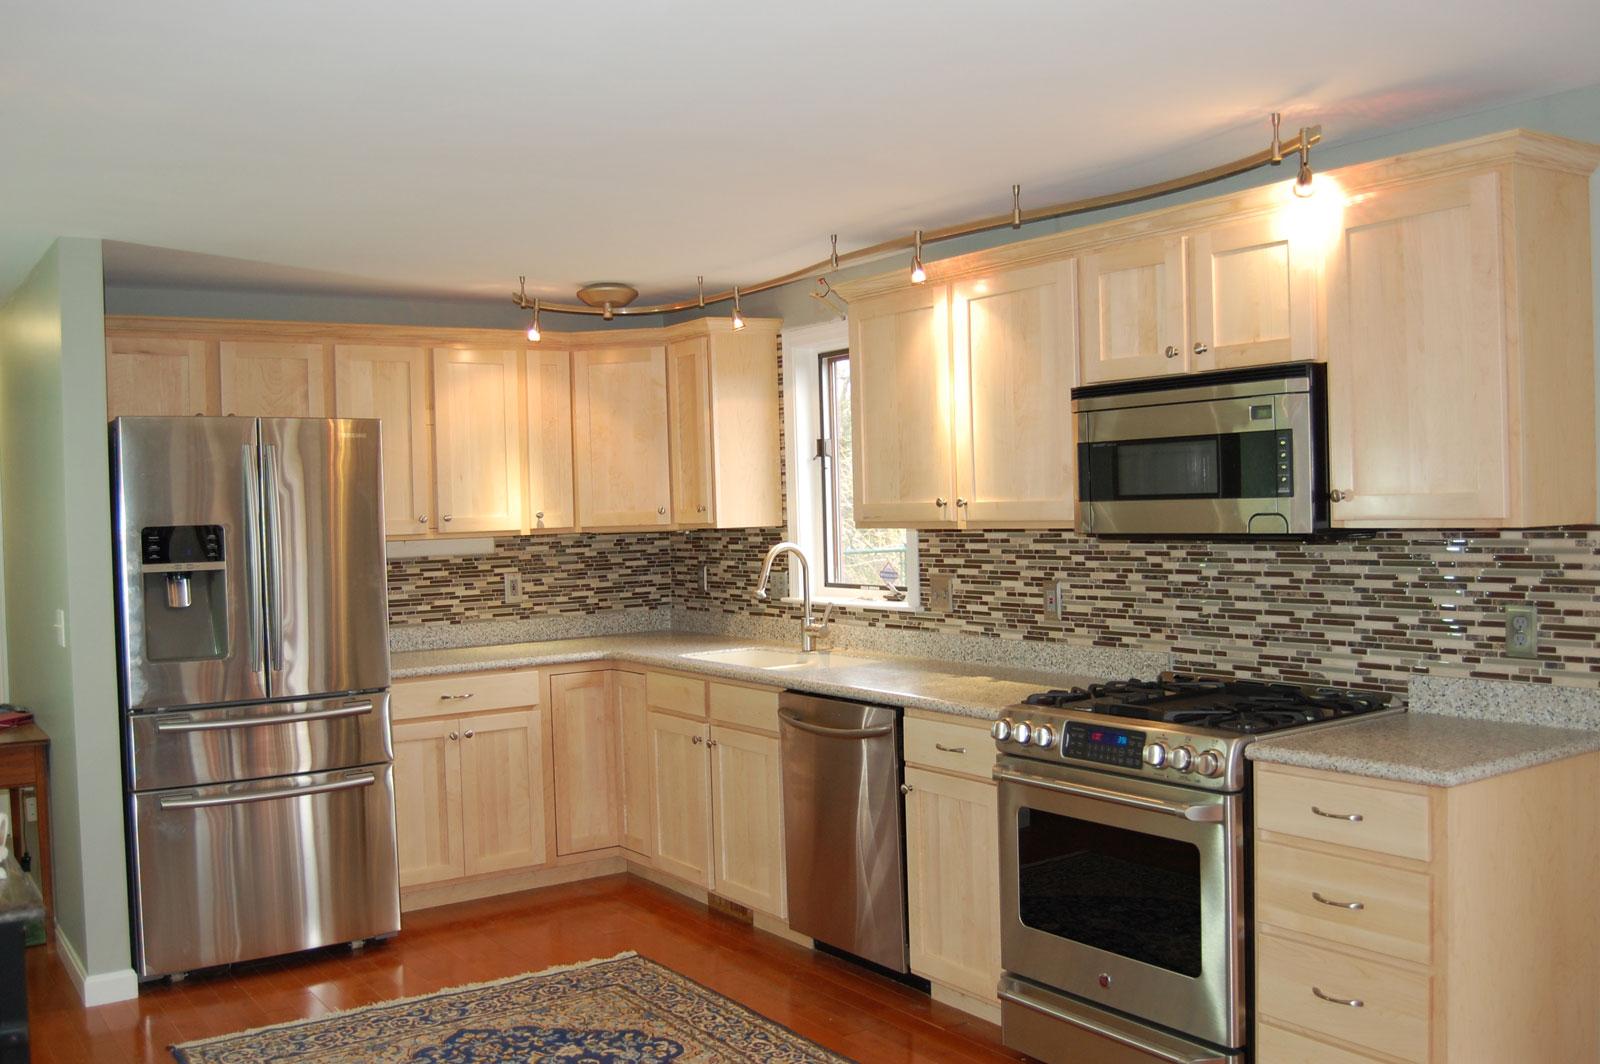 incroyable-coin-cuisine-design-interieur-avec-beige-meuble-refacing-cout-en-bois-materiel-combine-avec-carreaux-de-mosaïque-dosseret de cuisine